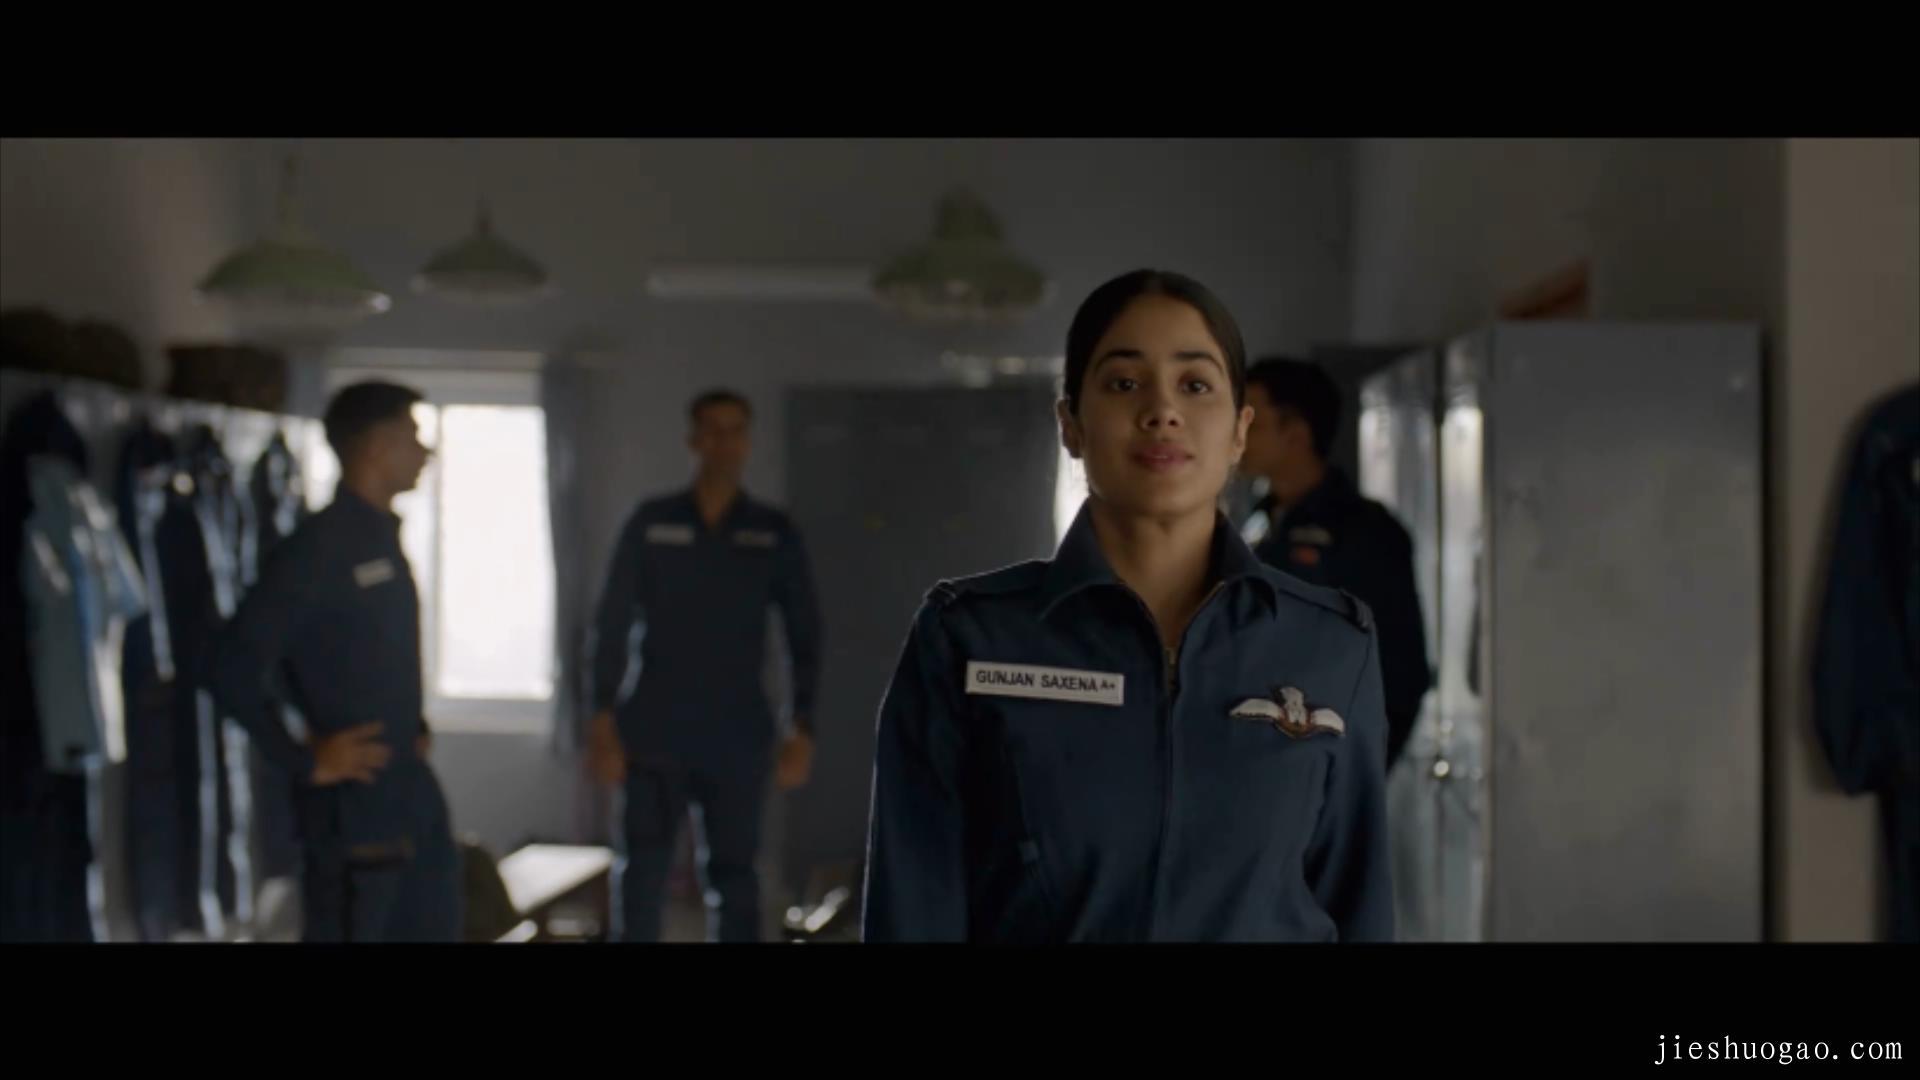 高分真实事件改编,印度首位女空军|《卡吉尔女孩》12分钟3480字解说稿-第5张图片